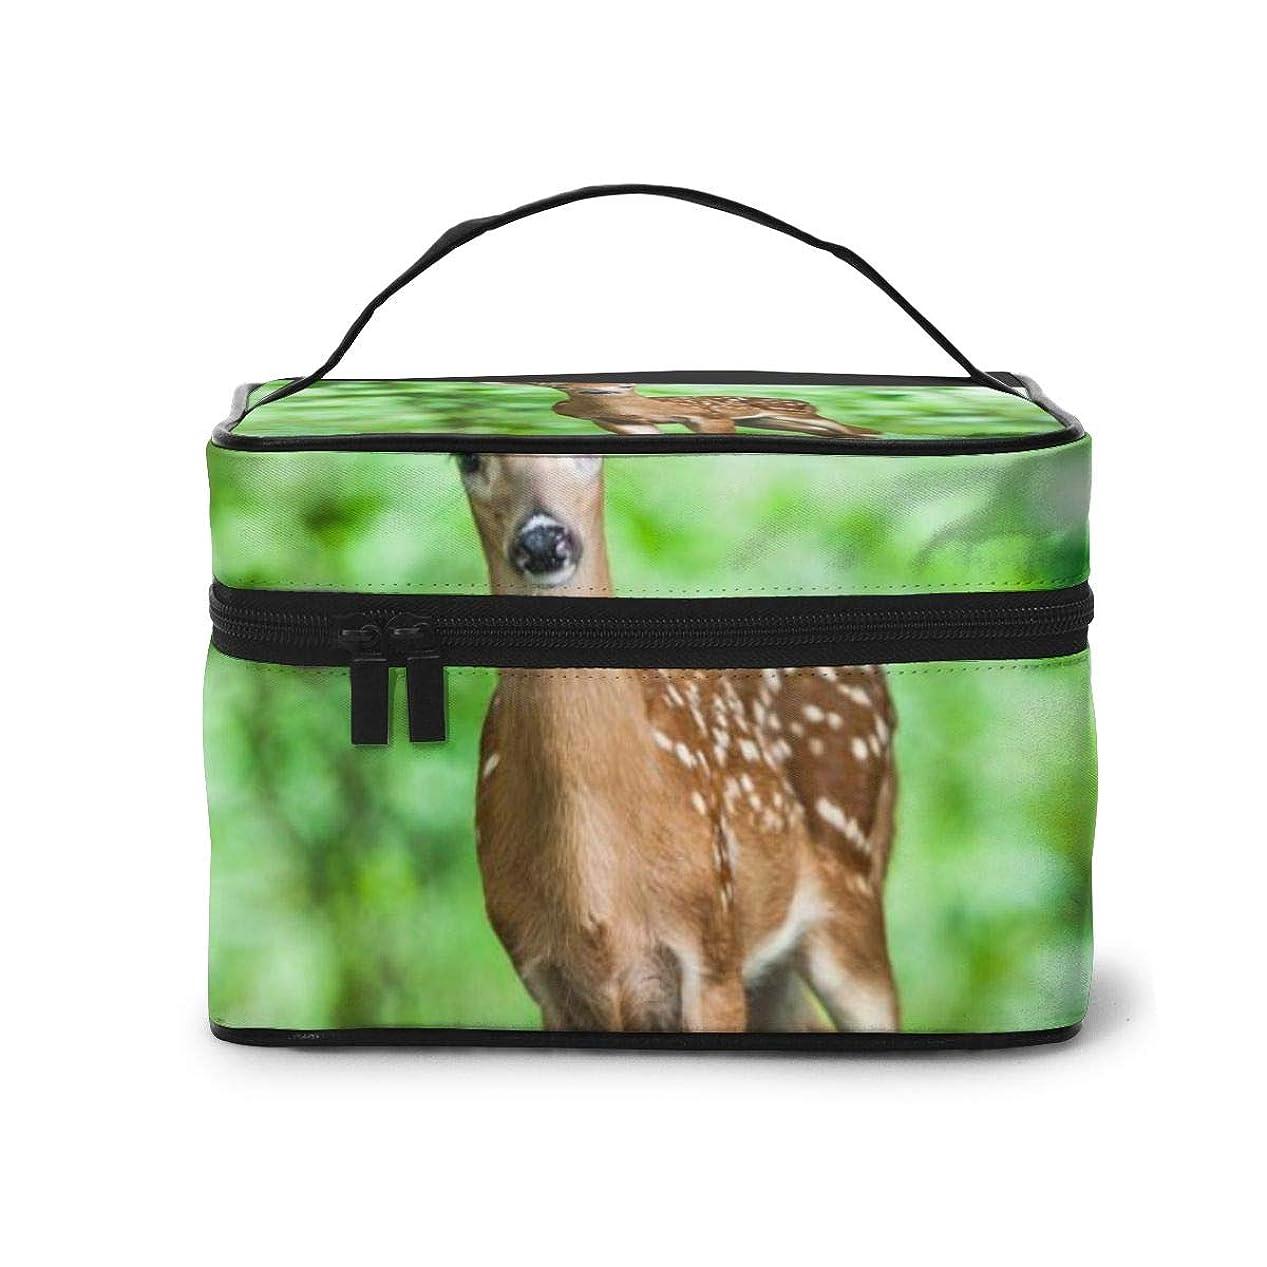 マーチャンダイジングキャンプ聴衆化粧品バッグ 収納バッグ 野生動物の鹿 ウォッシュバッグ 化粧品収納ケース 収納ボックス 化粧品入れ パッケージ 化粧箱 大容量 軽量 ポータブル 旅行する 可愛い